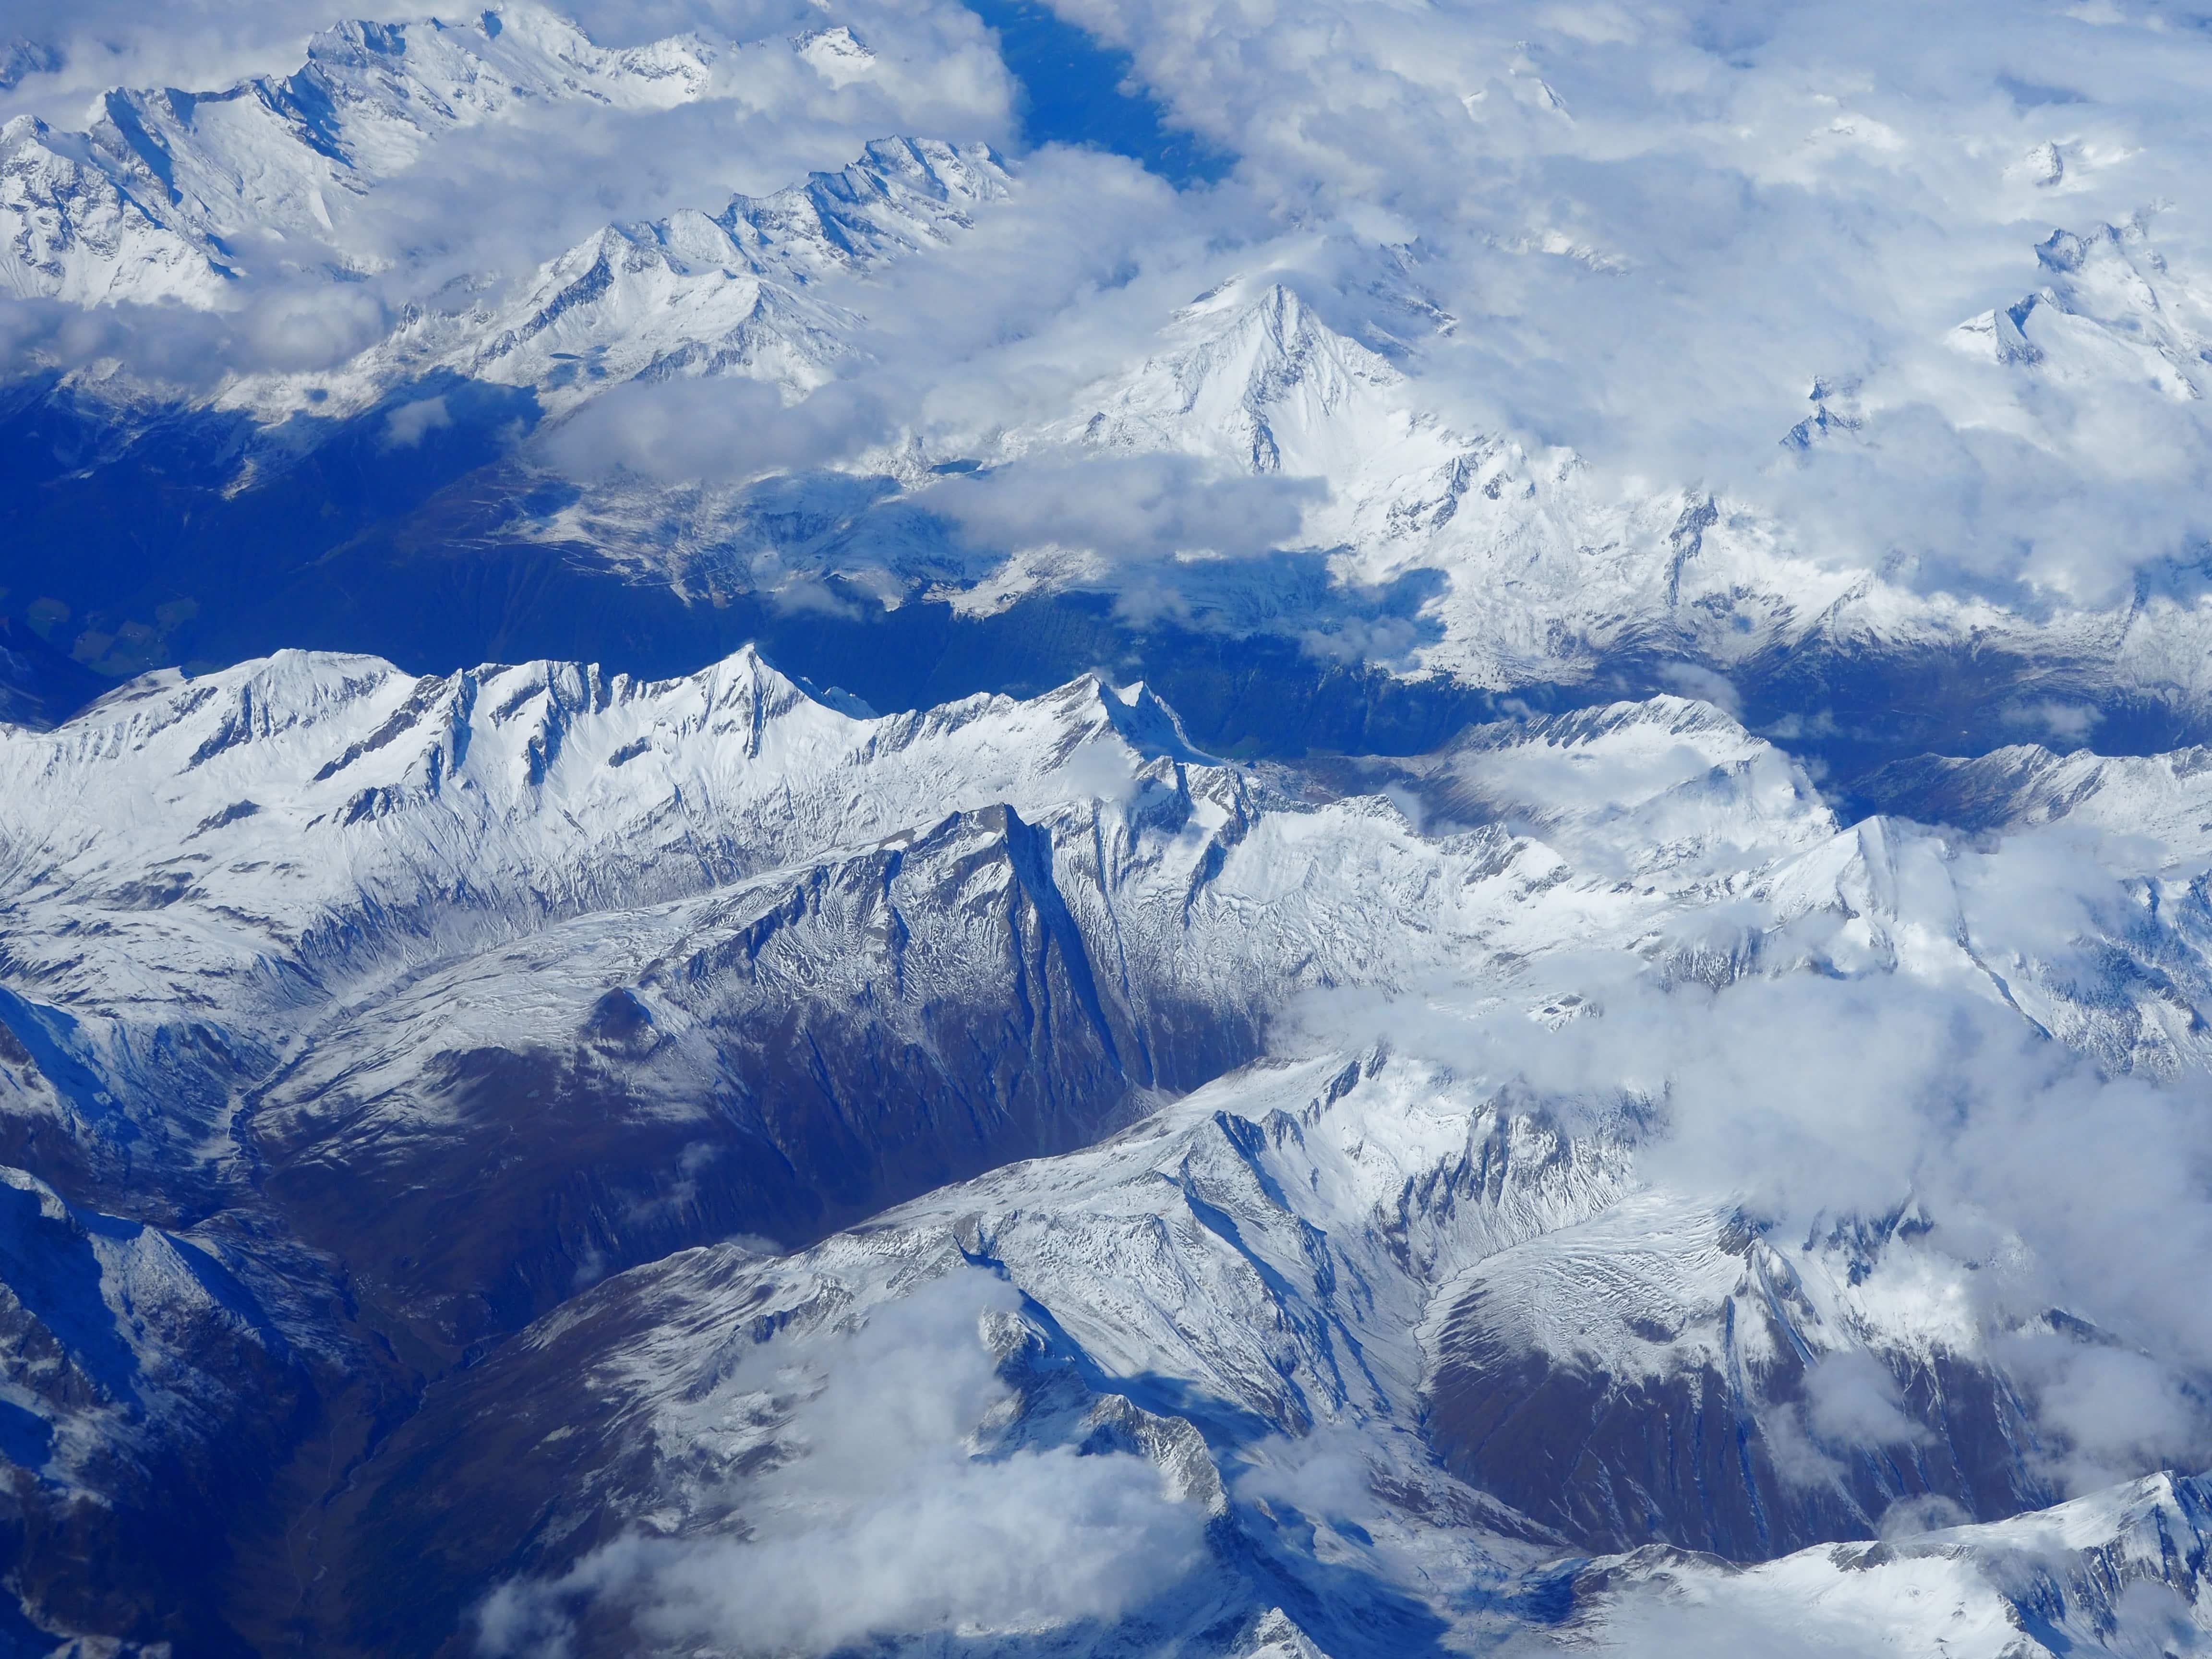 Le profil des alpes vu du ciel